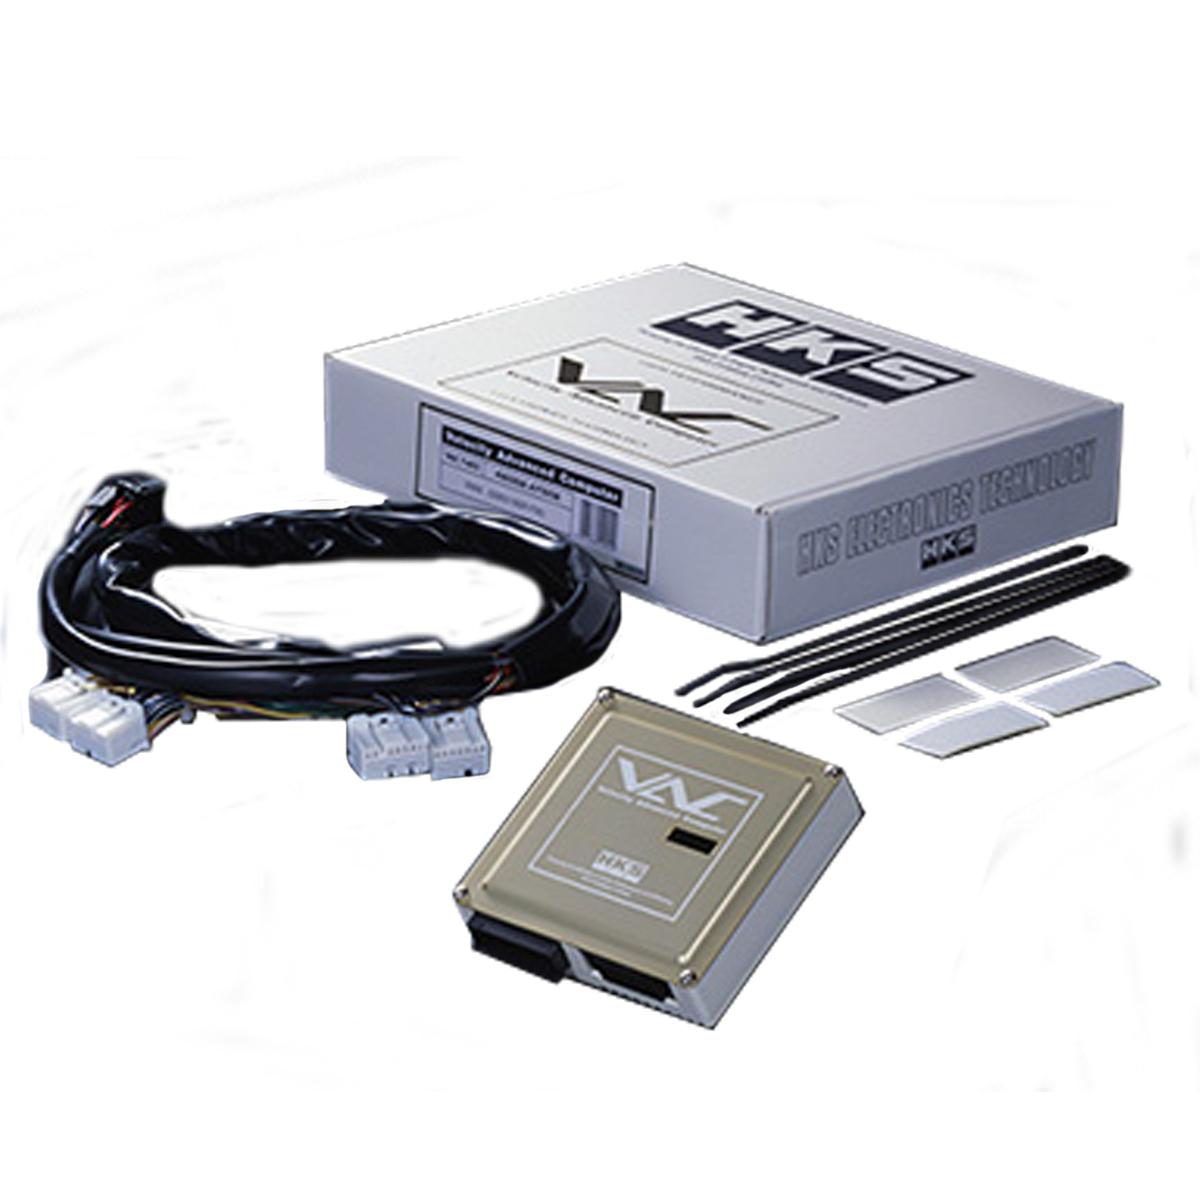 汎用 スピードリミッターカット VAC 45002-AT006 ヴェロシティー アドバンスド VAC コンピューター HKS 45002-AT006 HKS エレクトリニクス, プロ用ヘアケアShop KiraKira:6e6b4a31 --- sunward.msk.ru